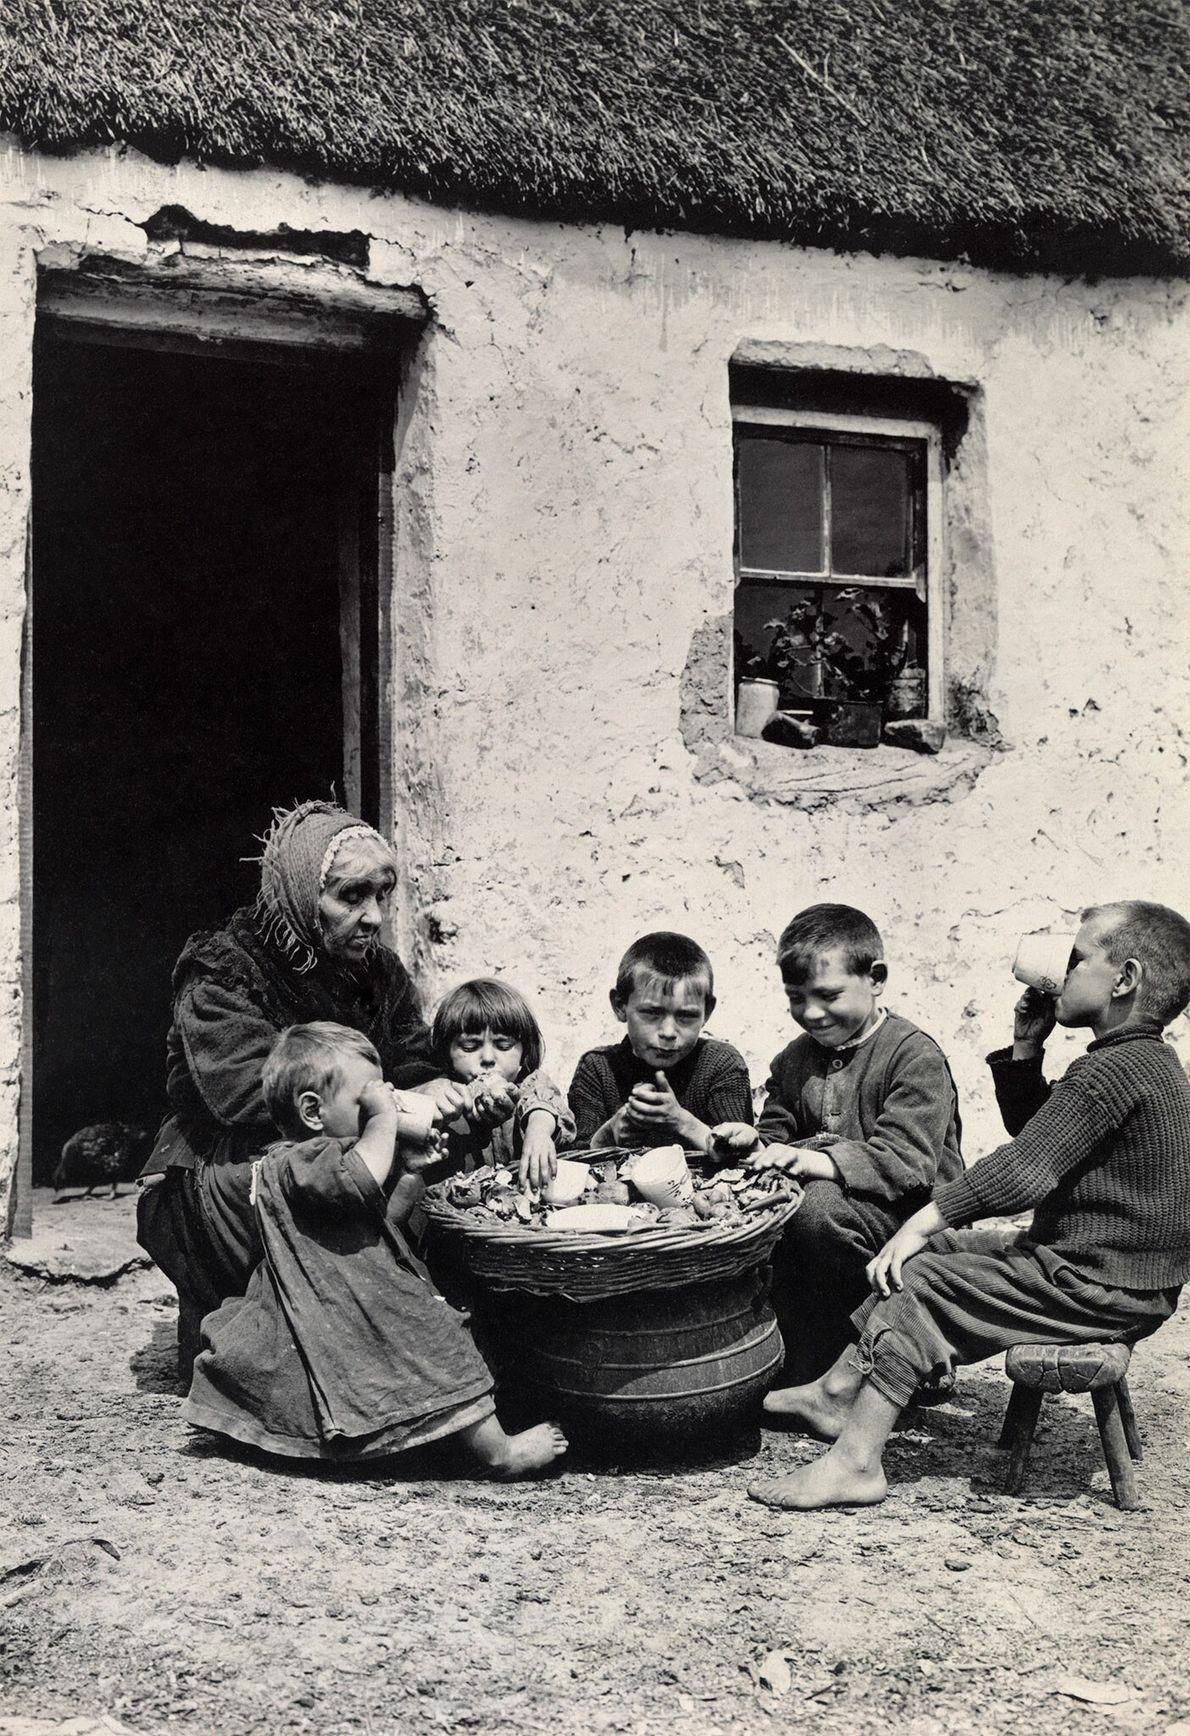 Irische Kinder sitzen draußen und essen Kartoffeln und Milch.